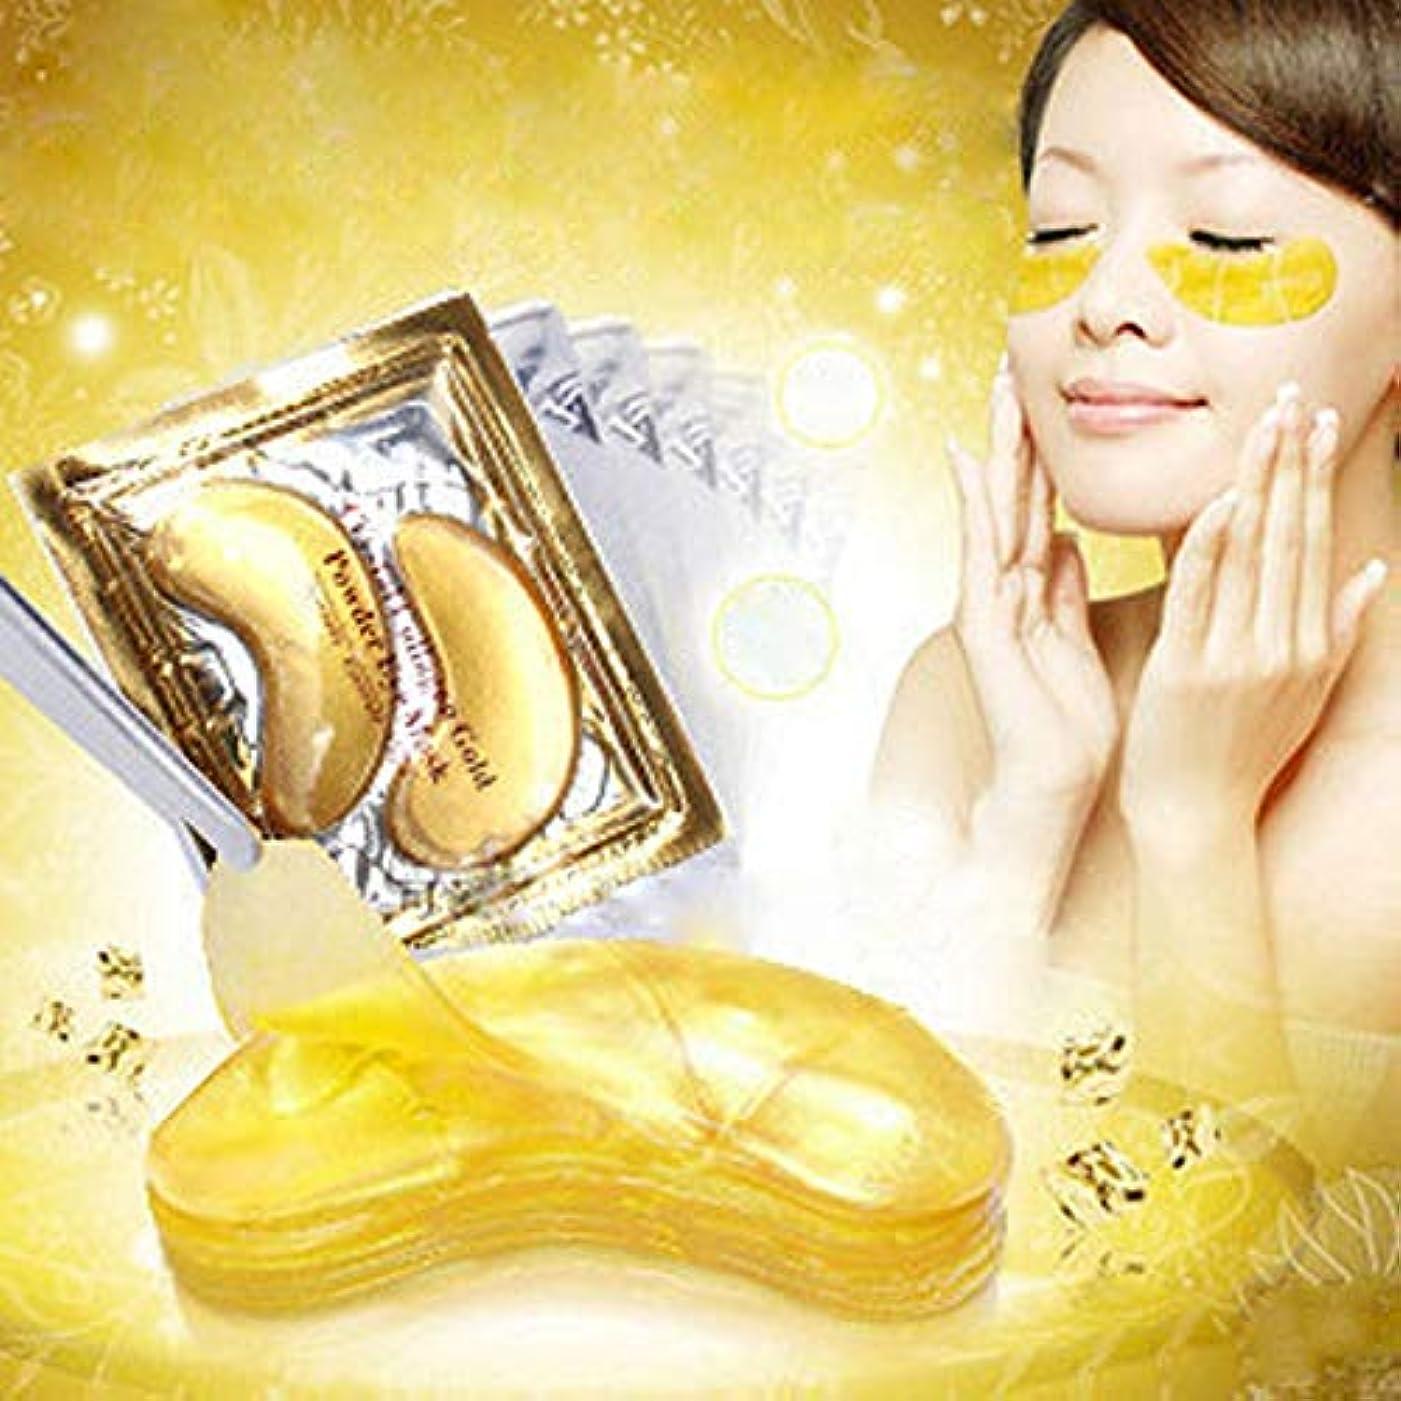 唯一不確実さまよう美容アクセサリー 10パックゴールドクリスタルコラーゲンアイマスクアイパッチアイマスク用フェイスケアダークサークル取り外しジェルマスク用アイエイジ 写真美容アクセサリー